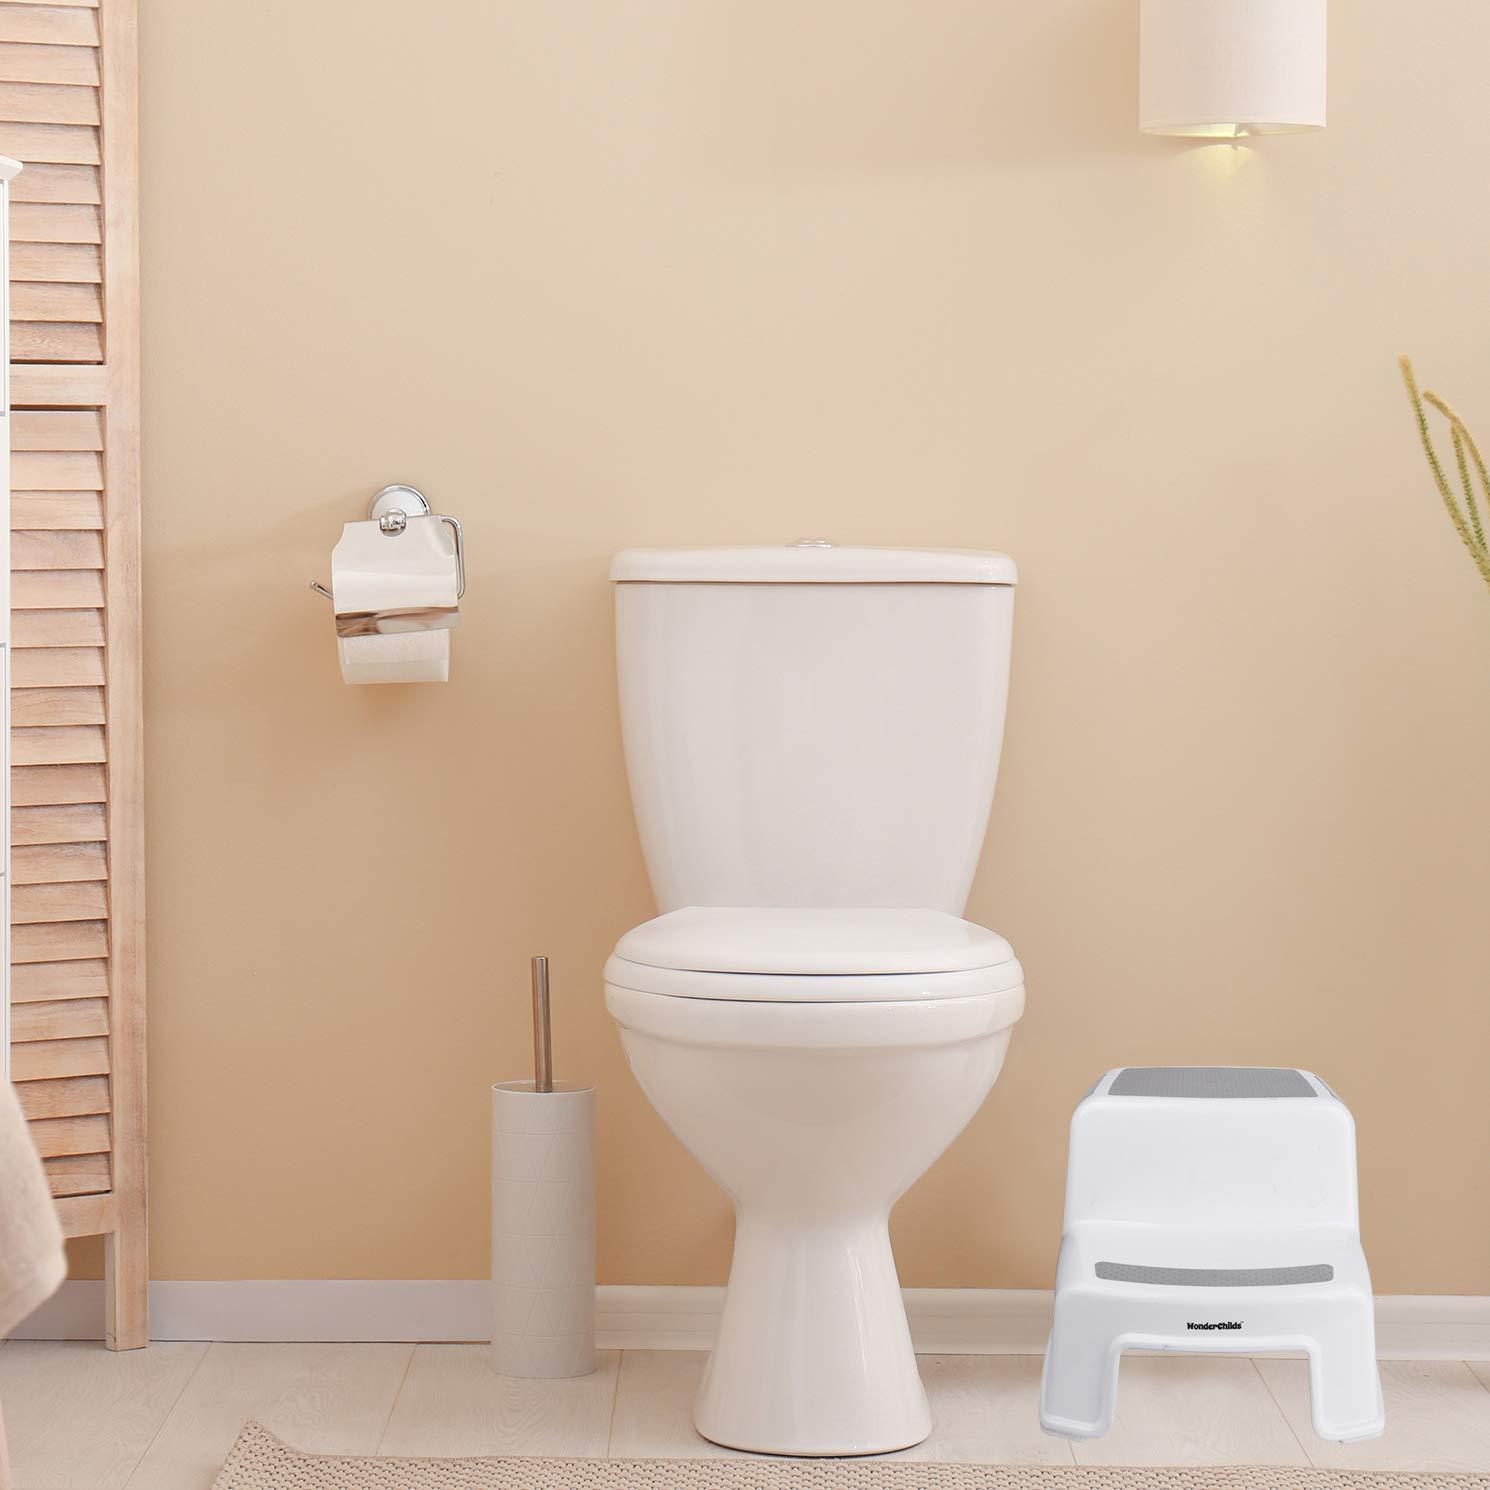 WONDER CHILDS tritthocker kinder 2 Stufen zum Erlernen des Putzens Der hocker kinder bad ist geeignet f/ür Bad Waschbecken K/üche Bett und Kindertoiletten-Reduzierer wei/ß